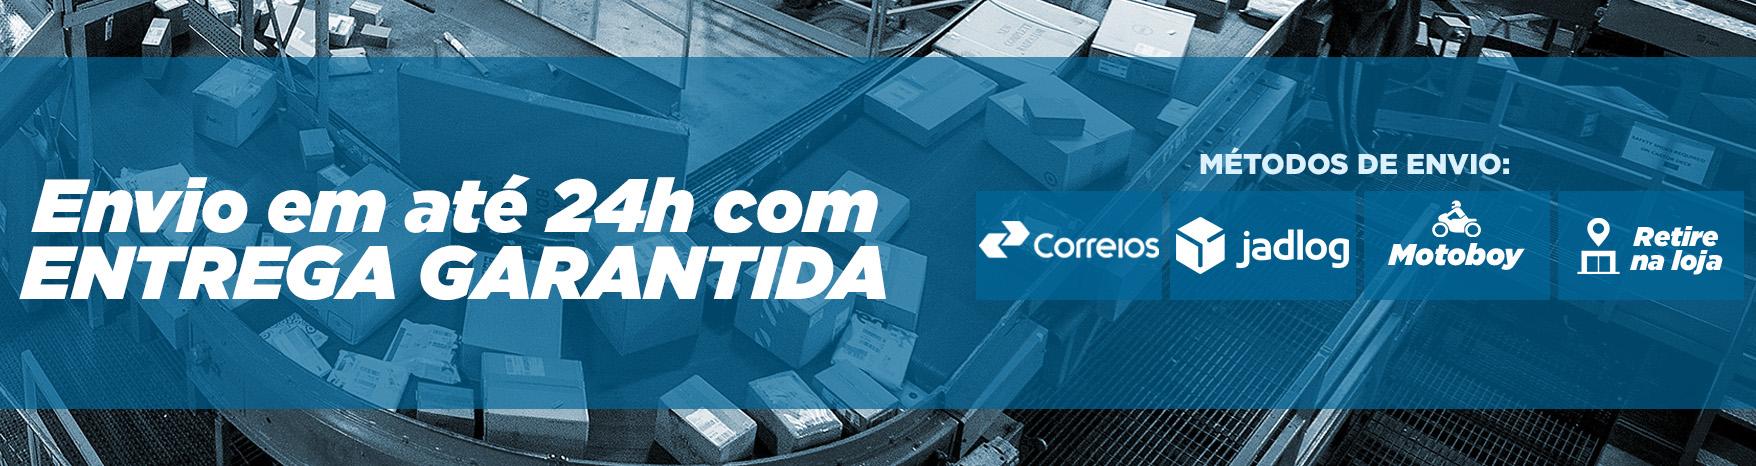 New Banner - Entrega